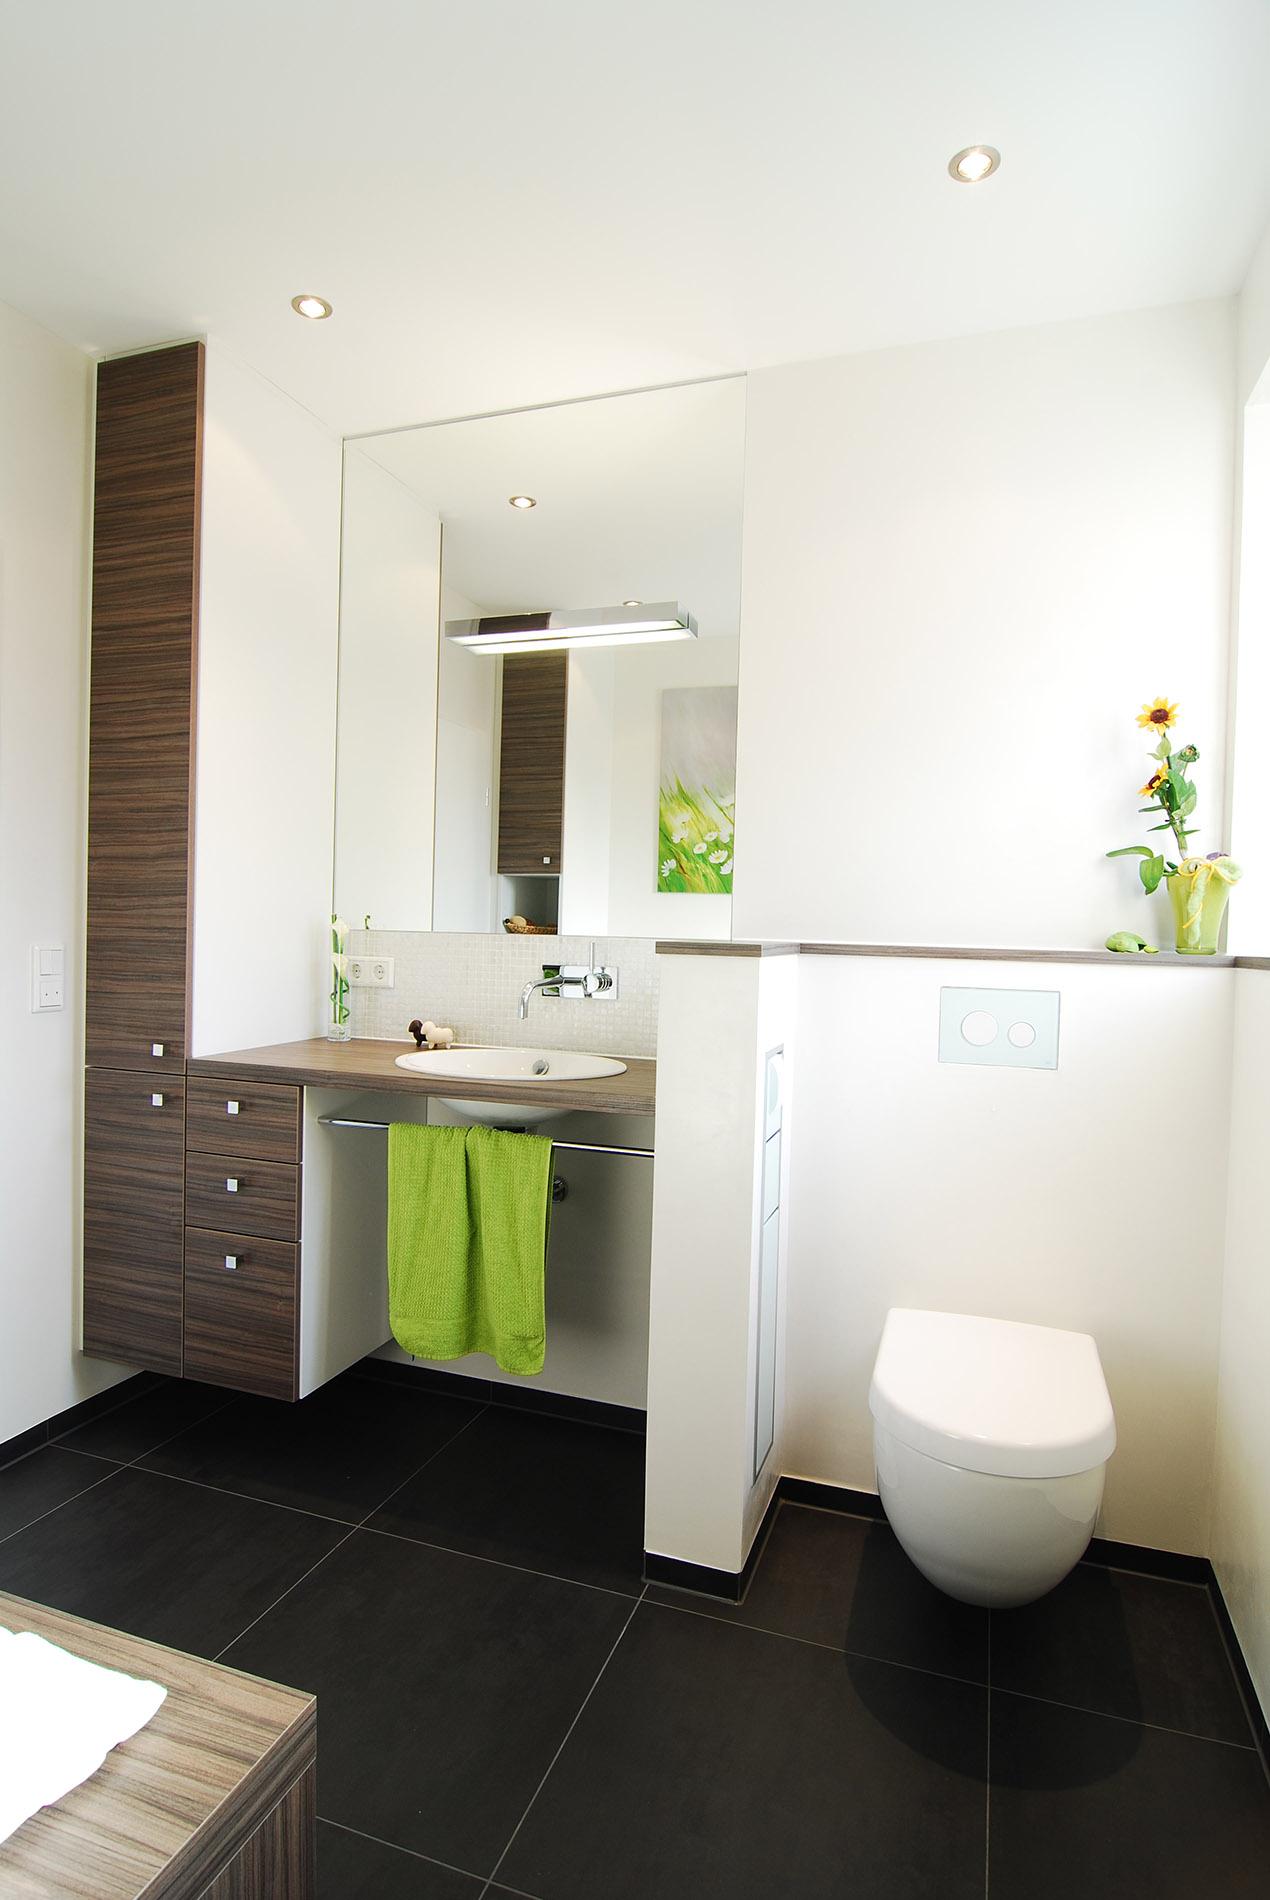 kleines badezimmer renovieren in m nster raumfabrik. Black Bedroom Furniture Sets. Home Design Ideas